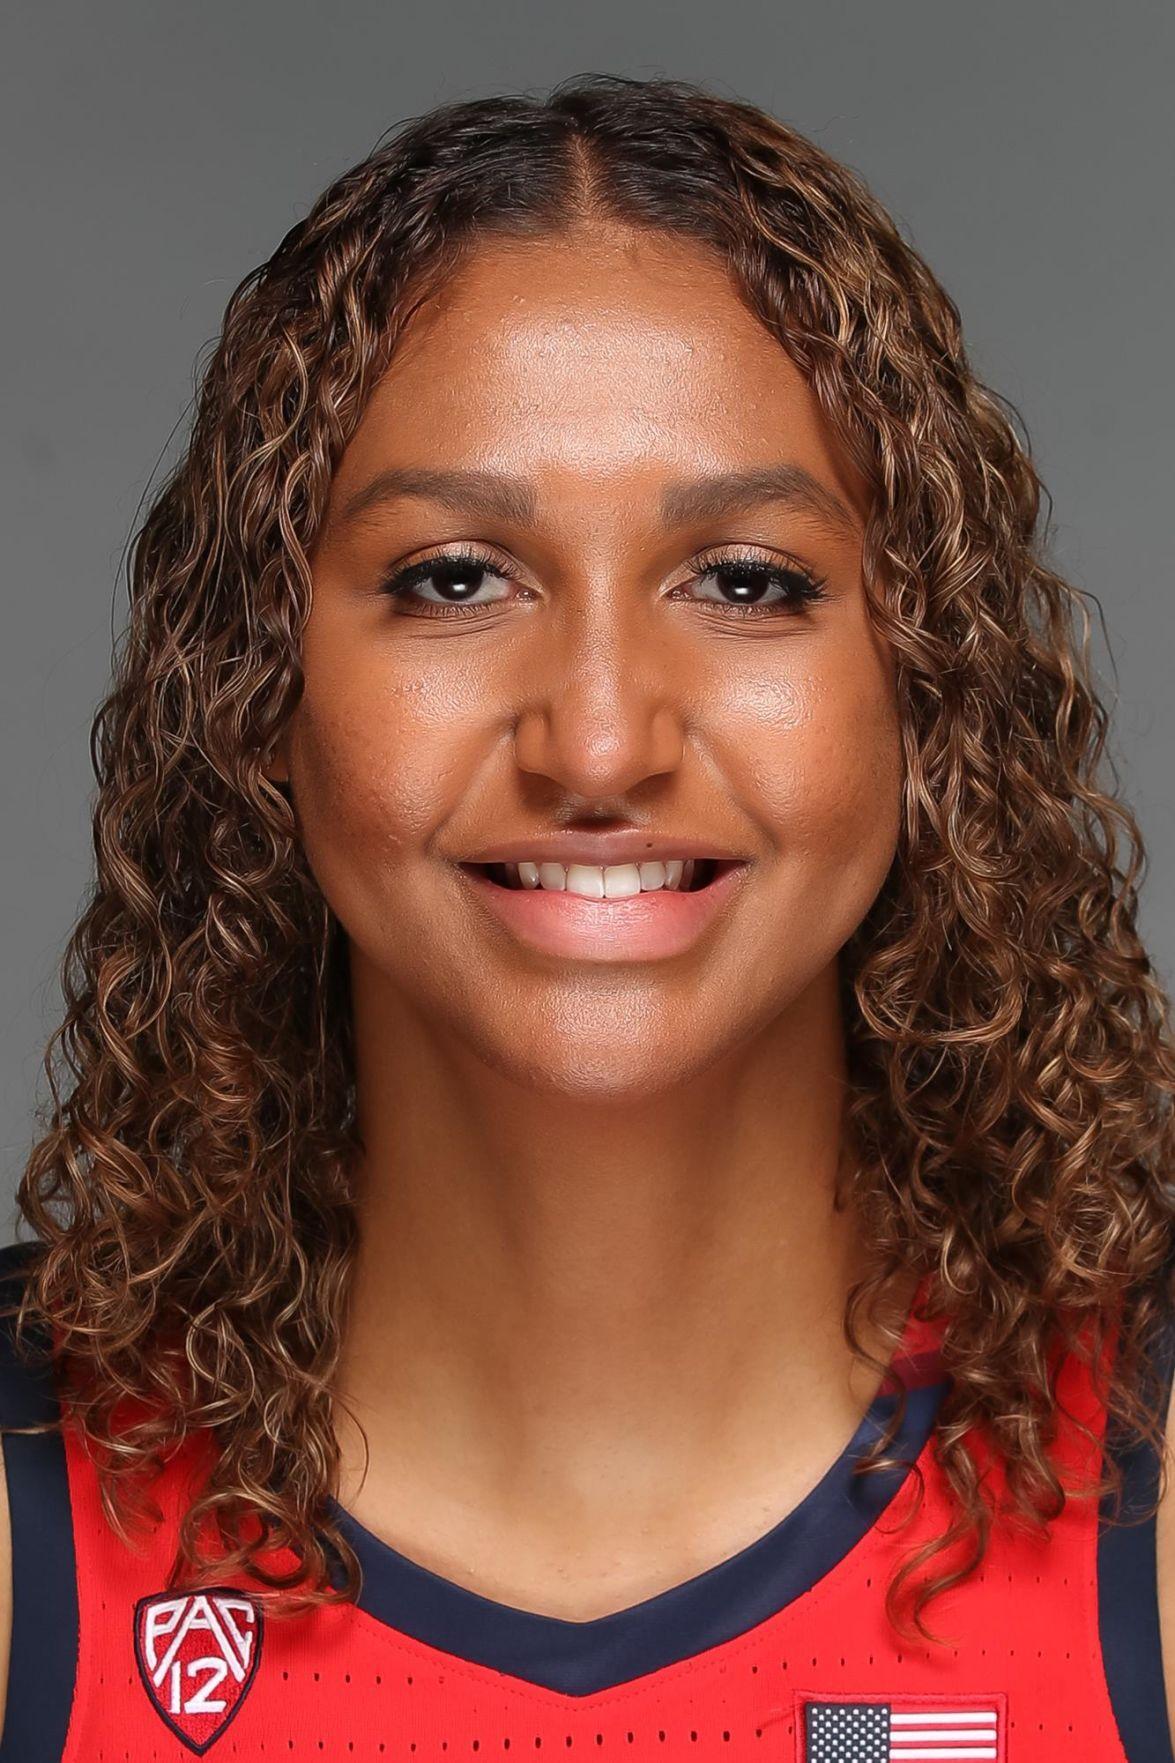 Lauren Ware